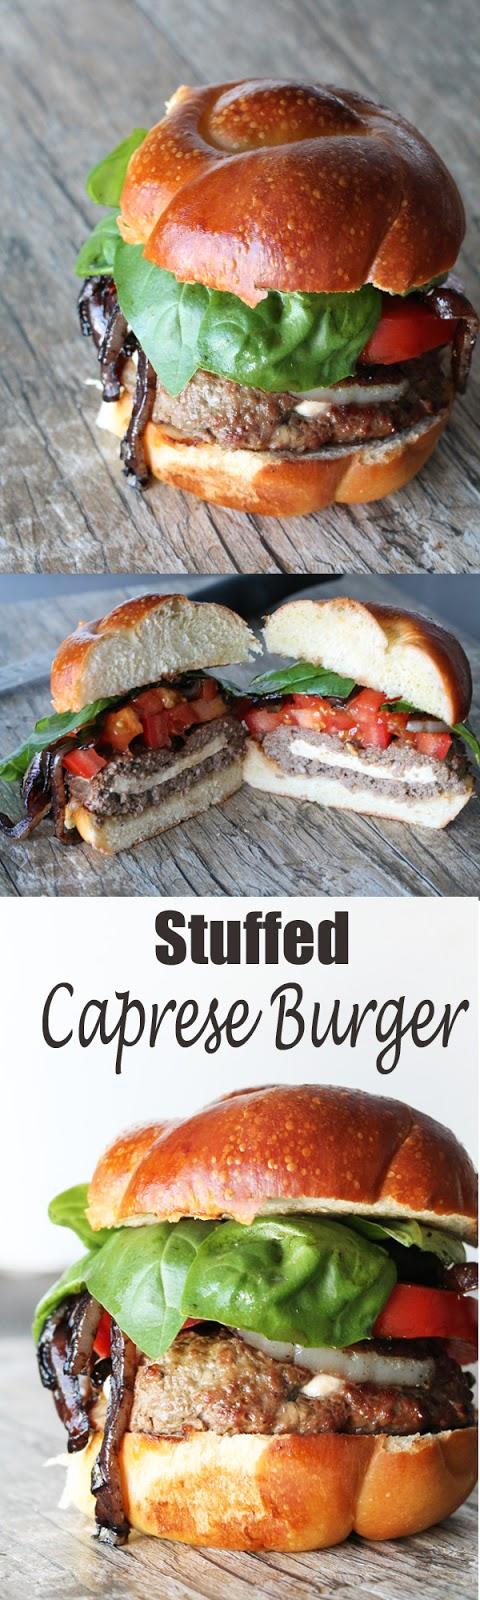 Stuffed Caprese Burger